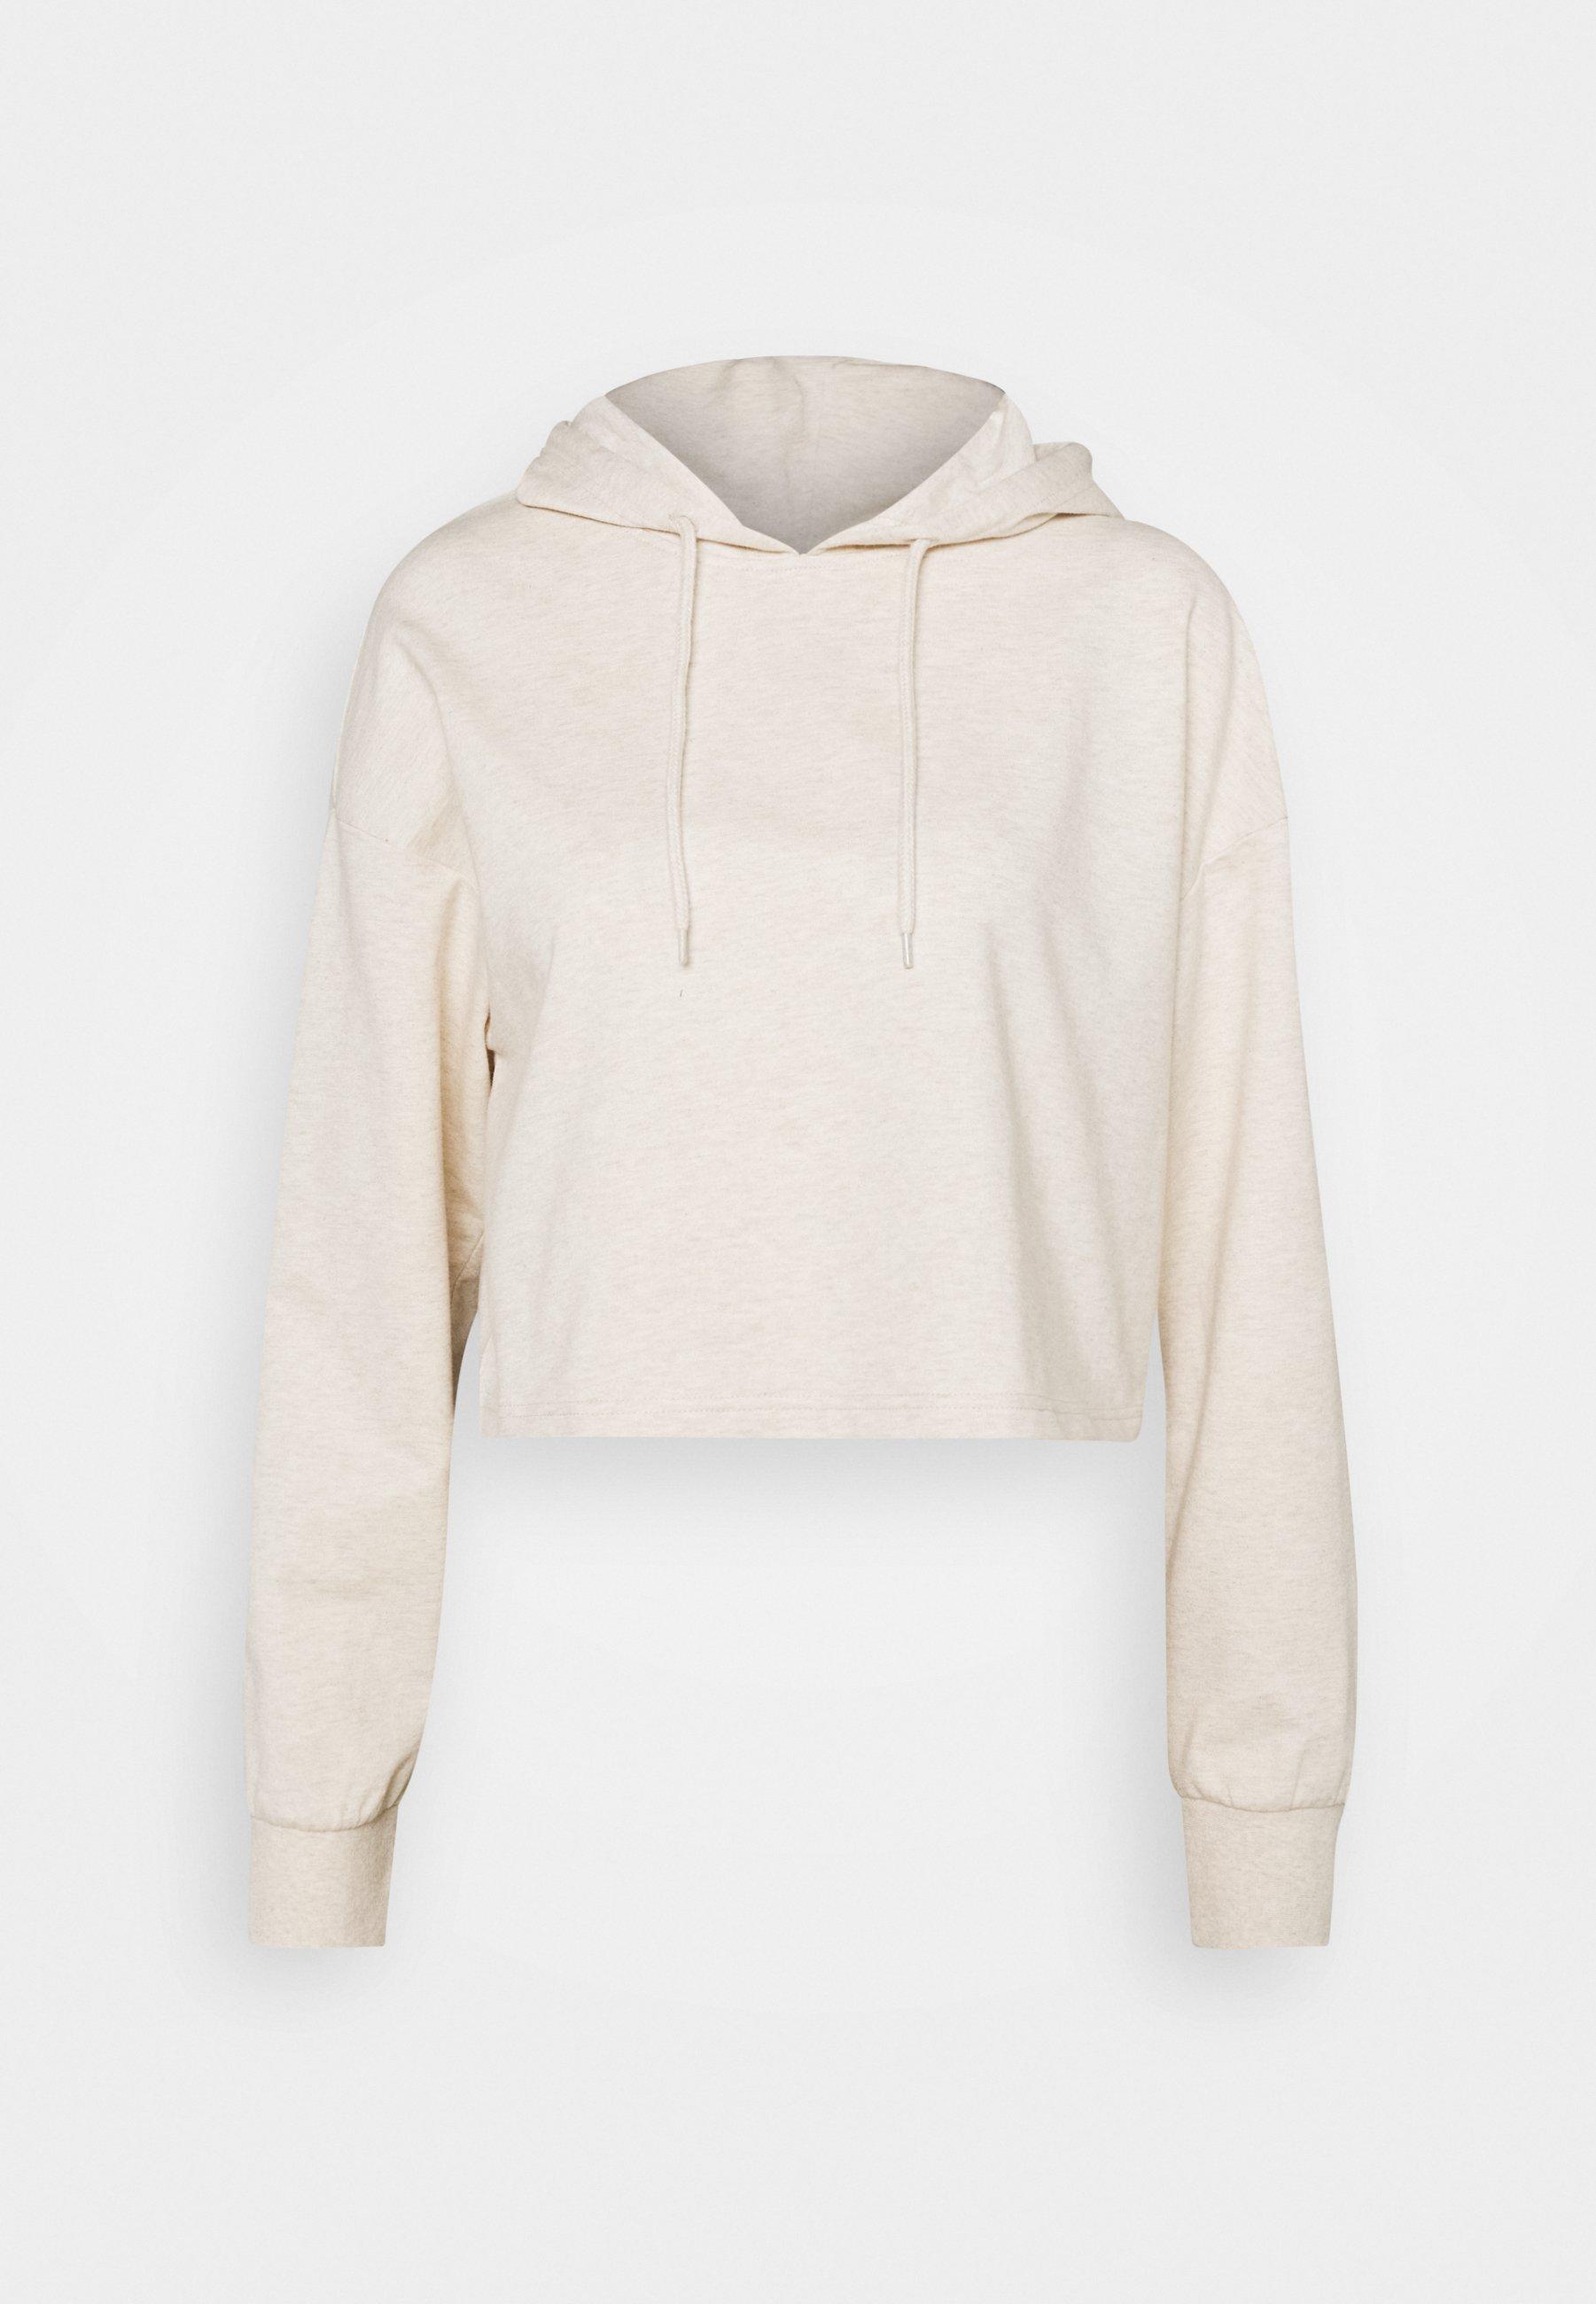 Women BASIC - Cropped oversized hoodie - Hoodie